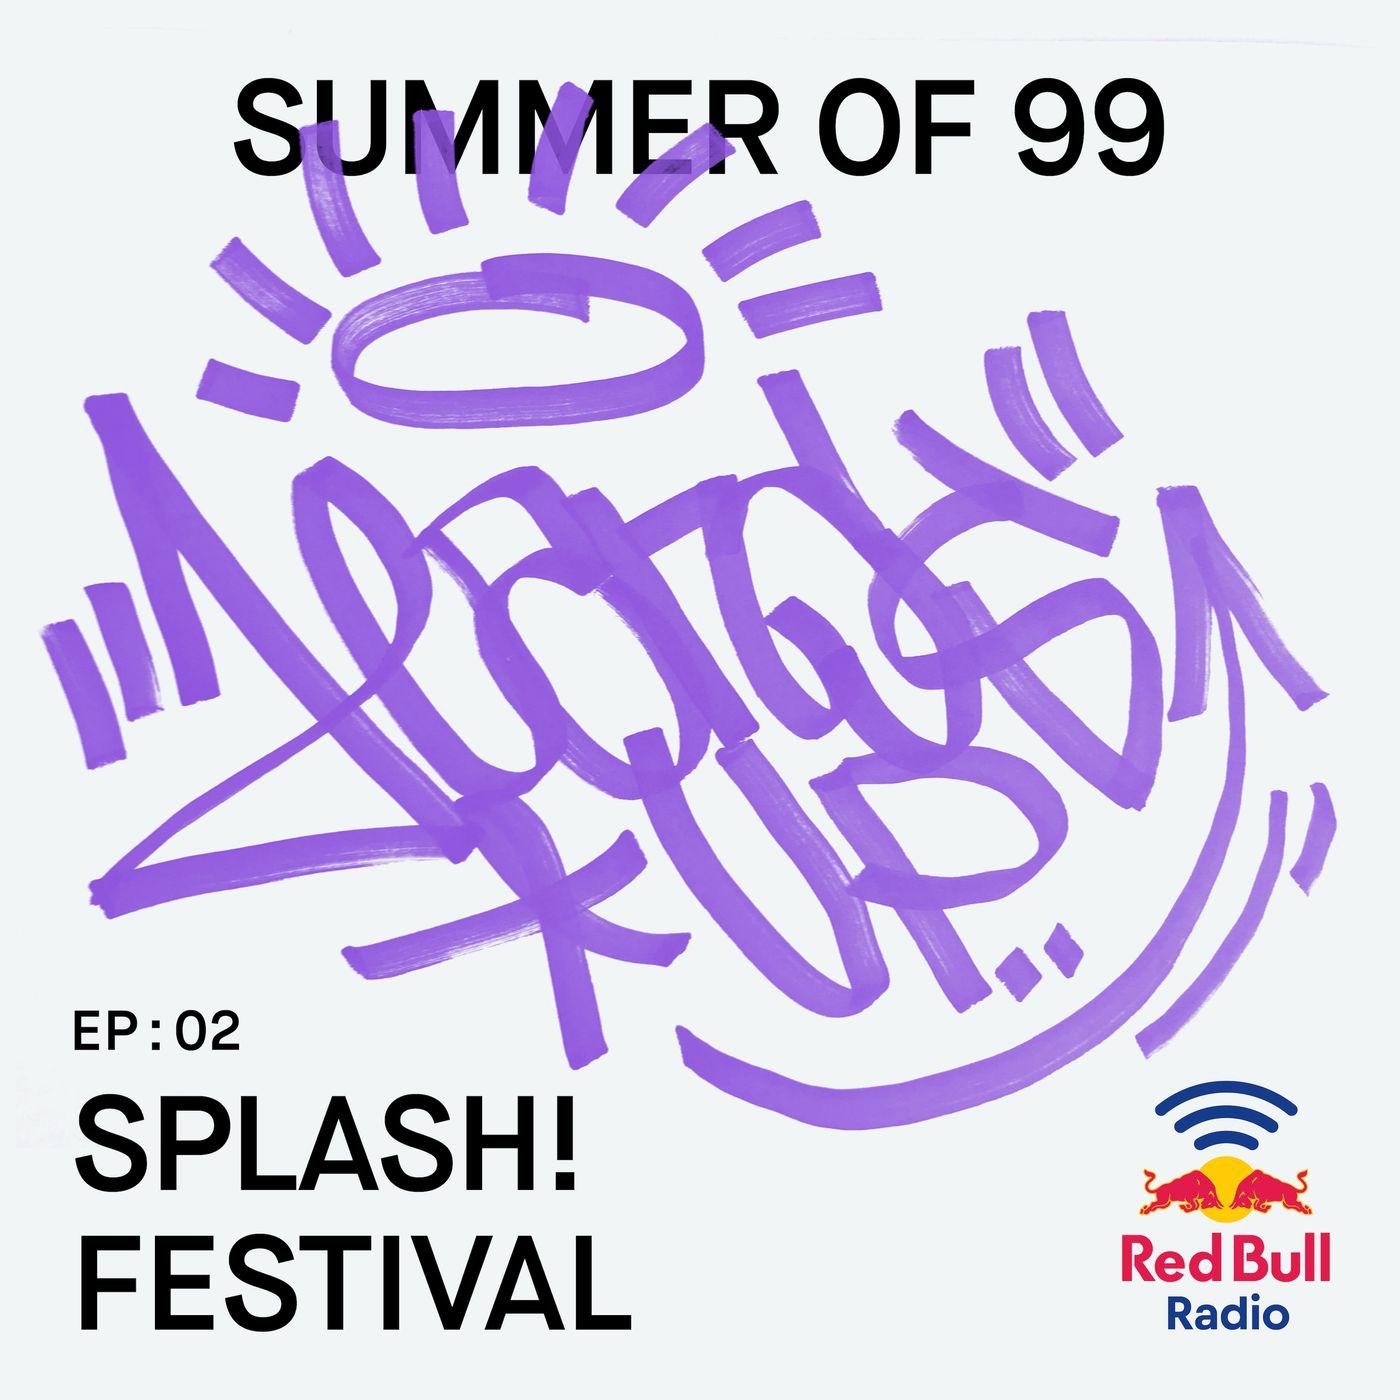 Episode 2: Splash! Festival